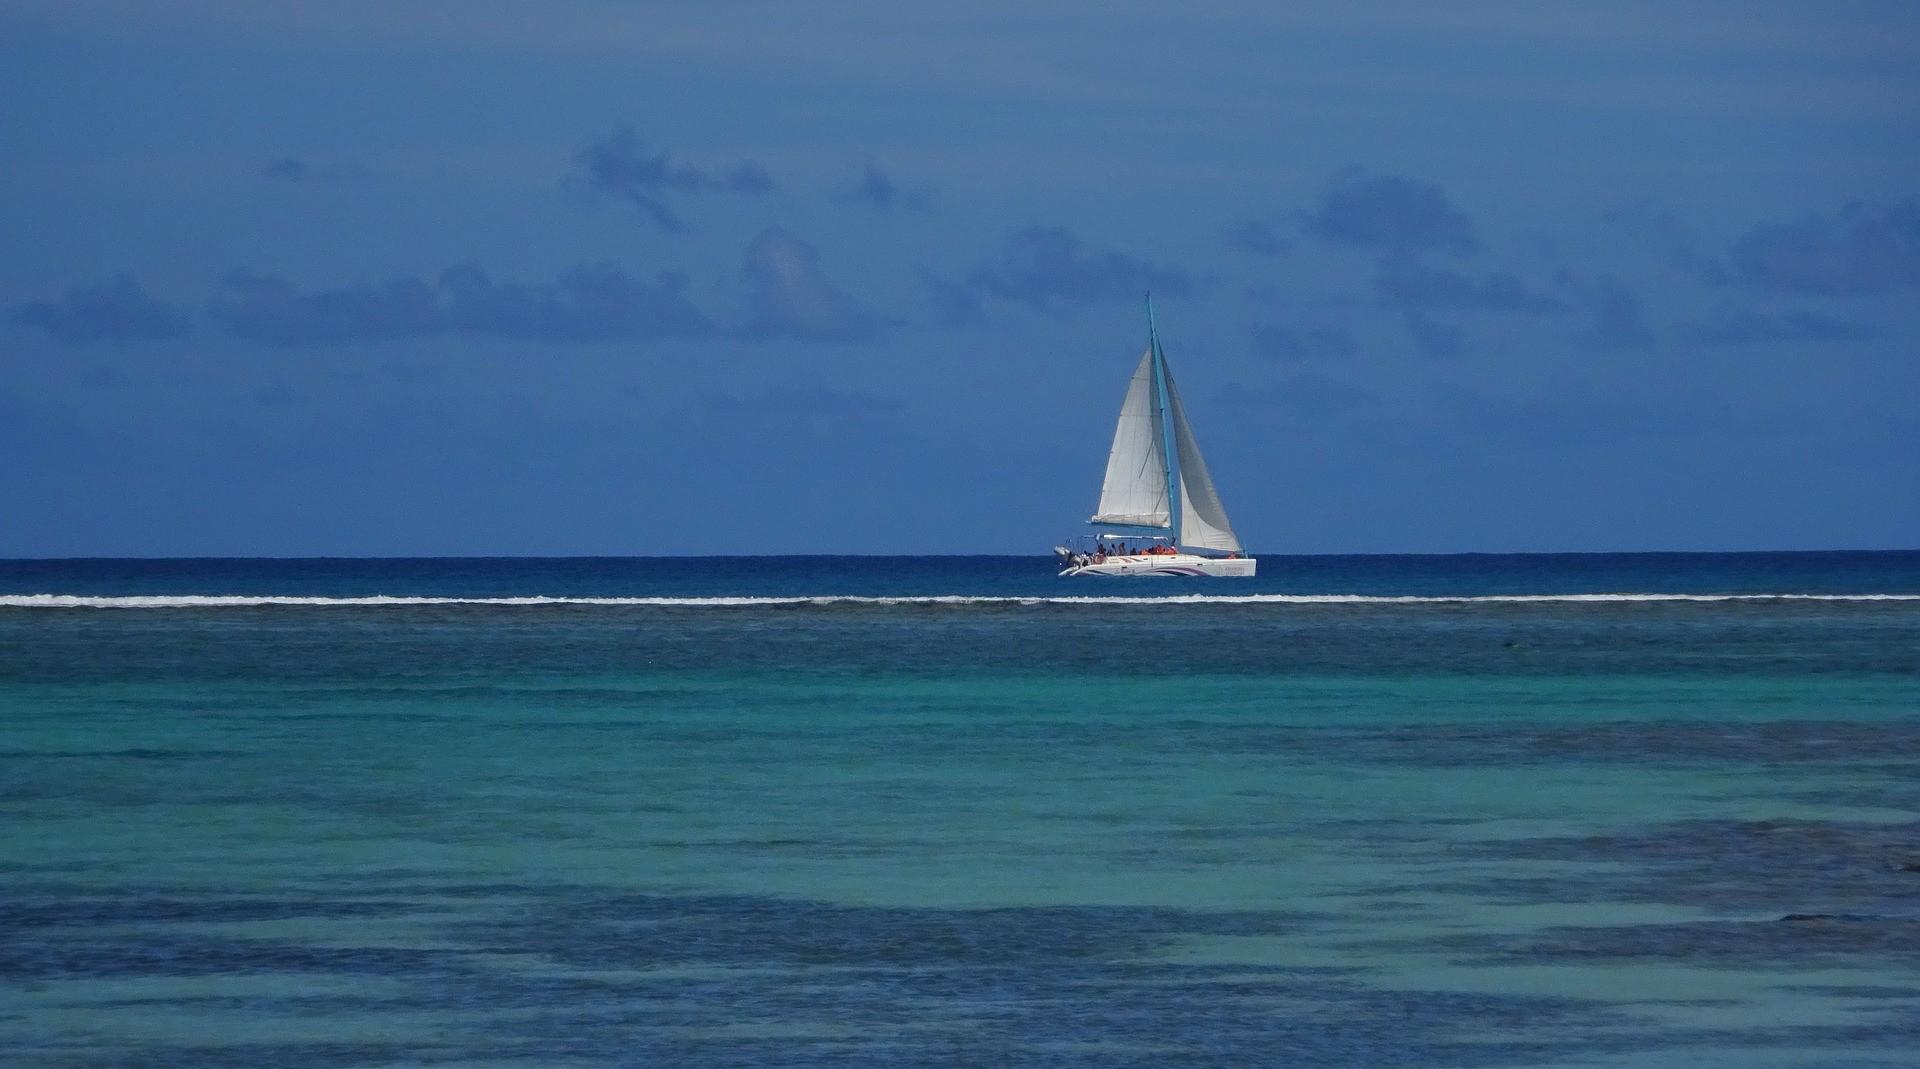 news-main-la-location-de-bateau-tendance-voyage-majeure-pour-lete-2021.1615373788.jpg